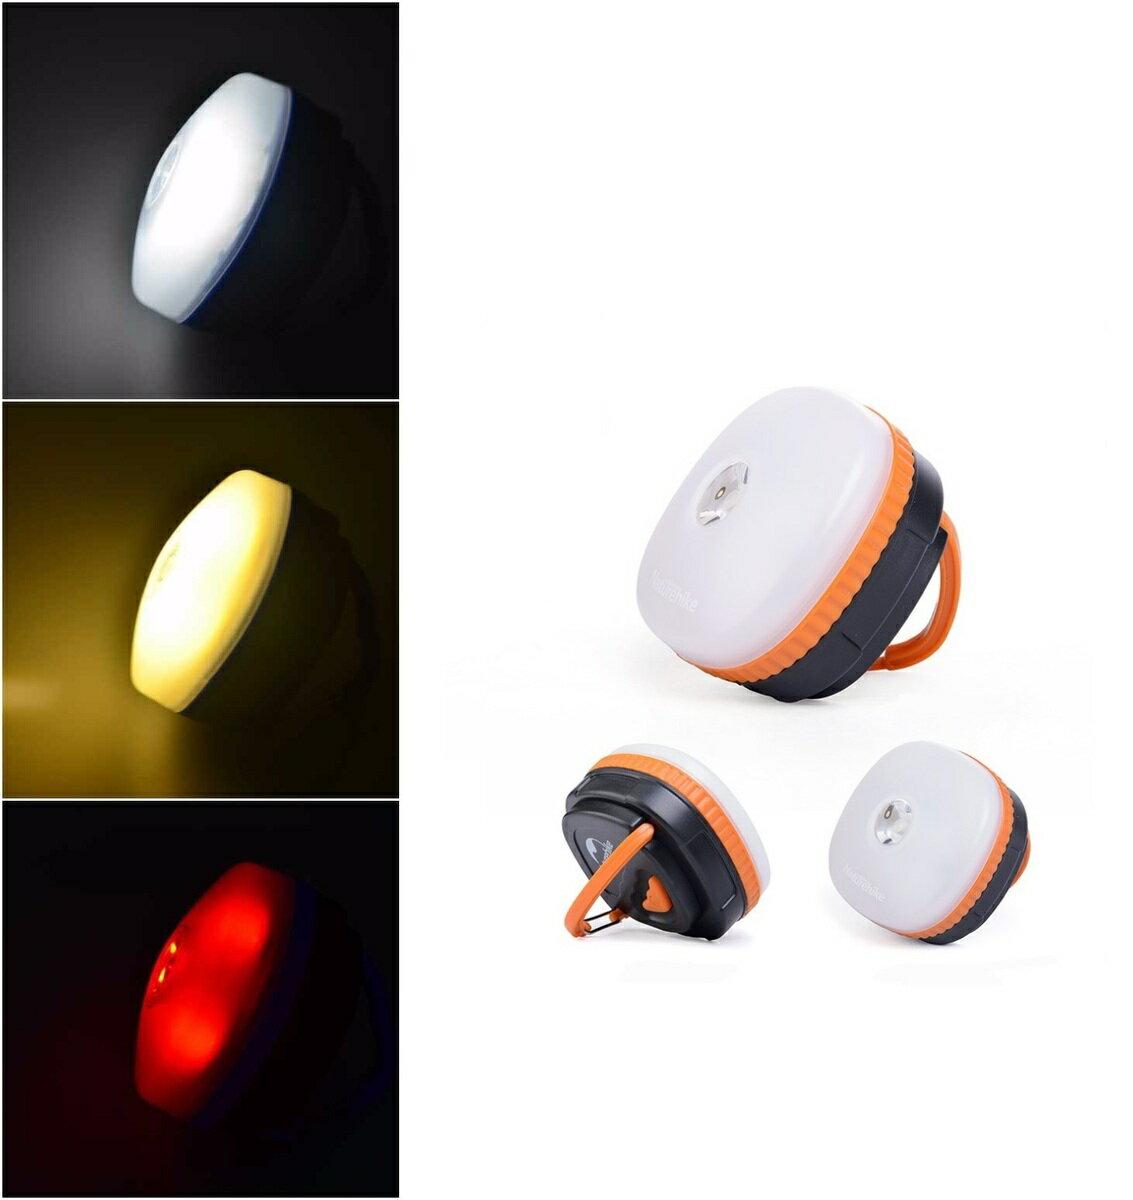 ★CAMPING LIGHTS★1W+7LED★ほおずき風ライト★白色・暖色・赤色3色LED切り換え★ランタンライト★